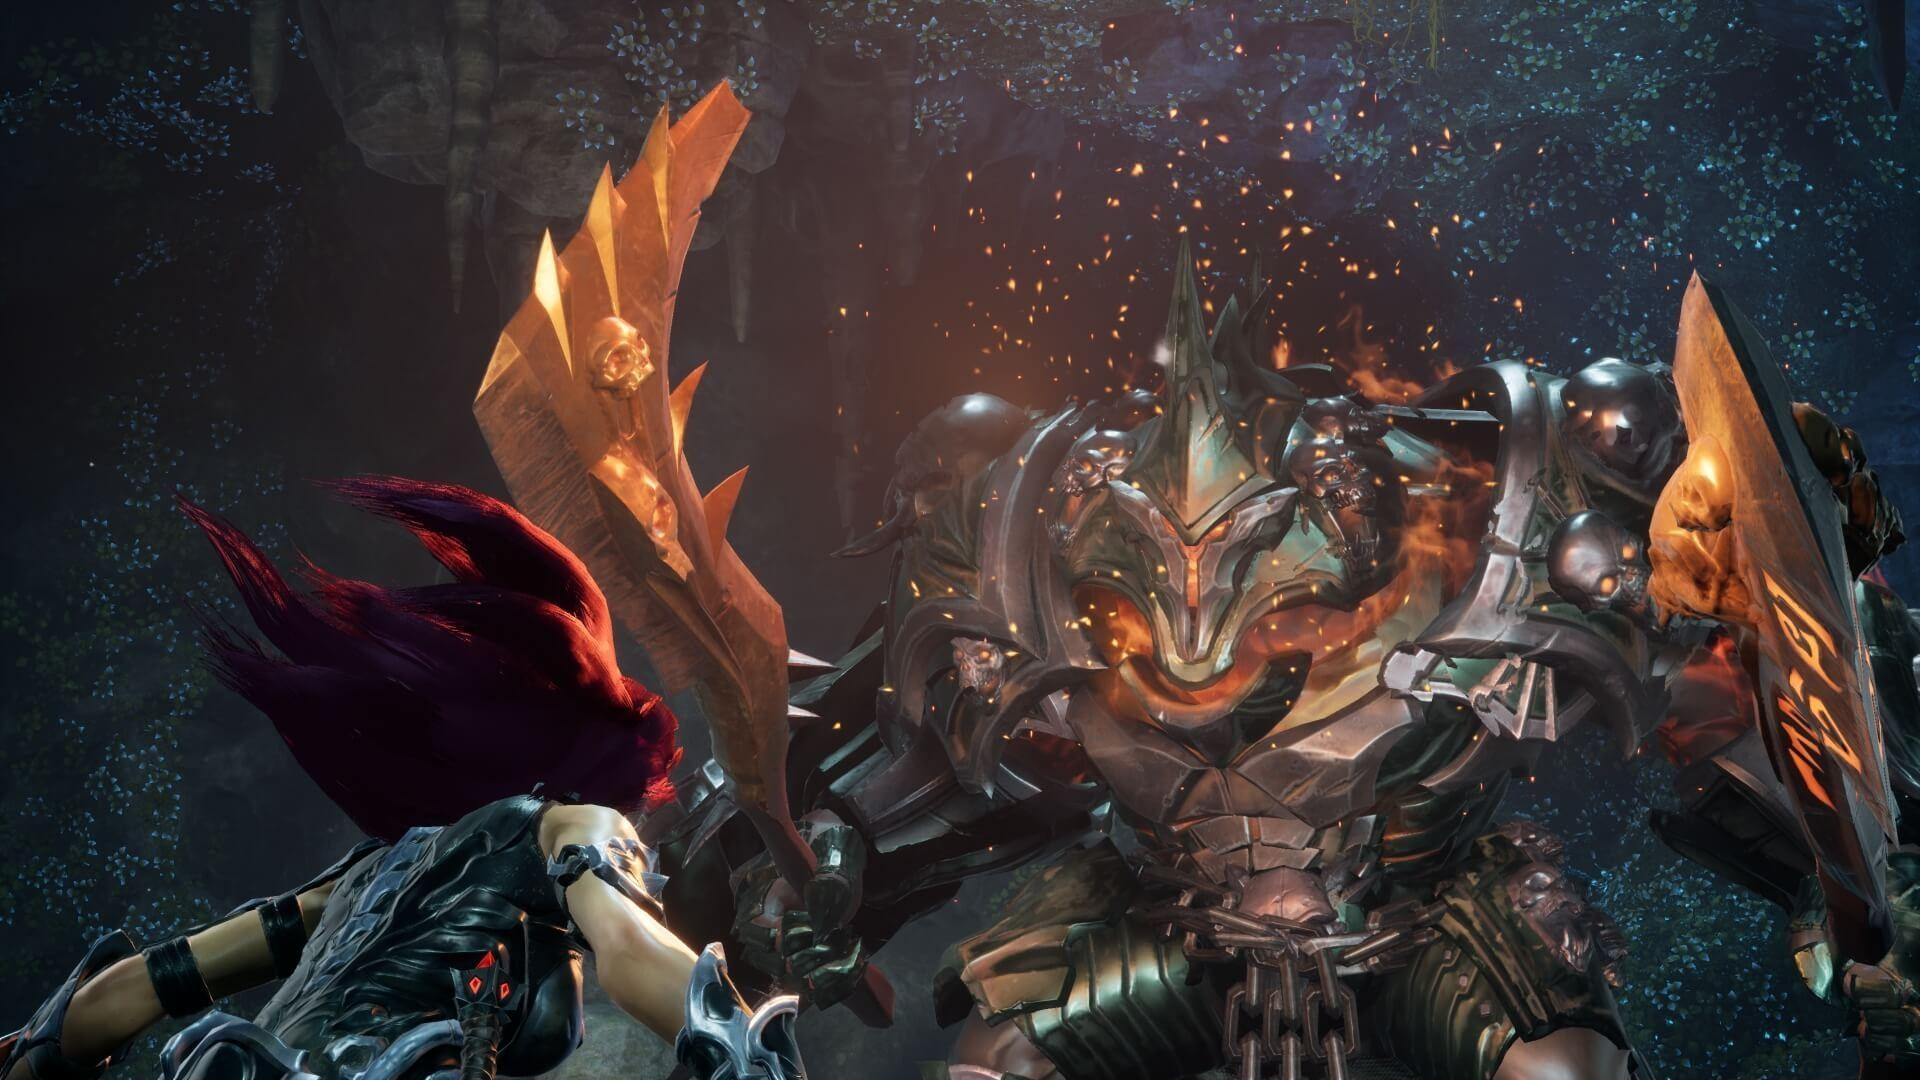 Darksiders III (PS4) - 11